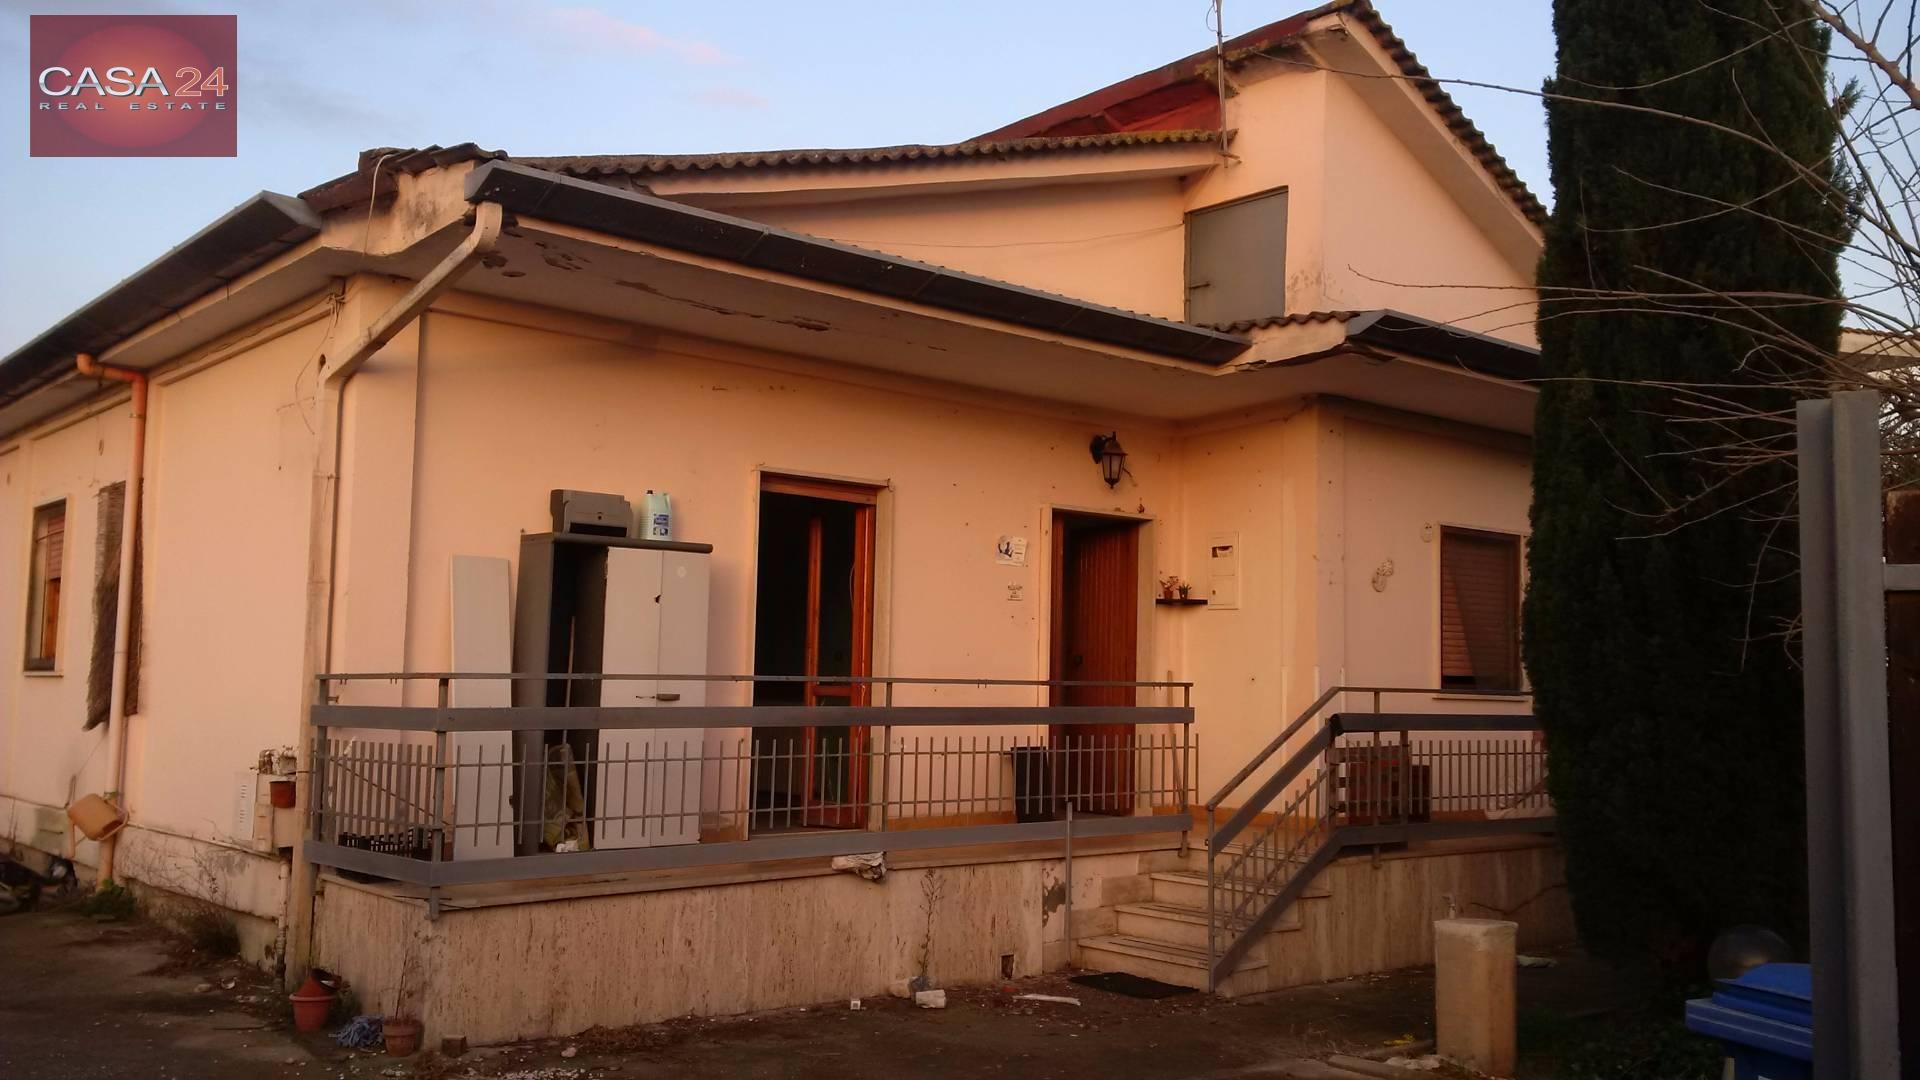 Soluzione Indipendente in vendita a Latina, 5 locali, zona Località: R11ZonaPantanaccio, prezzo € 230.000 | Cambio Casa.it